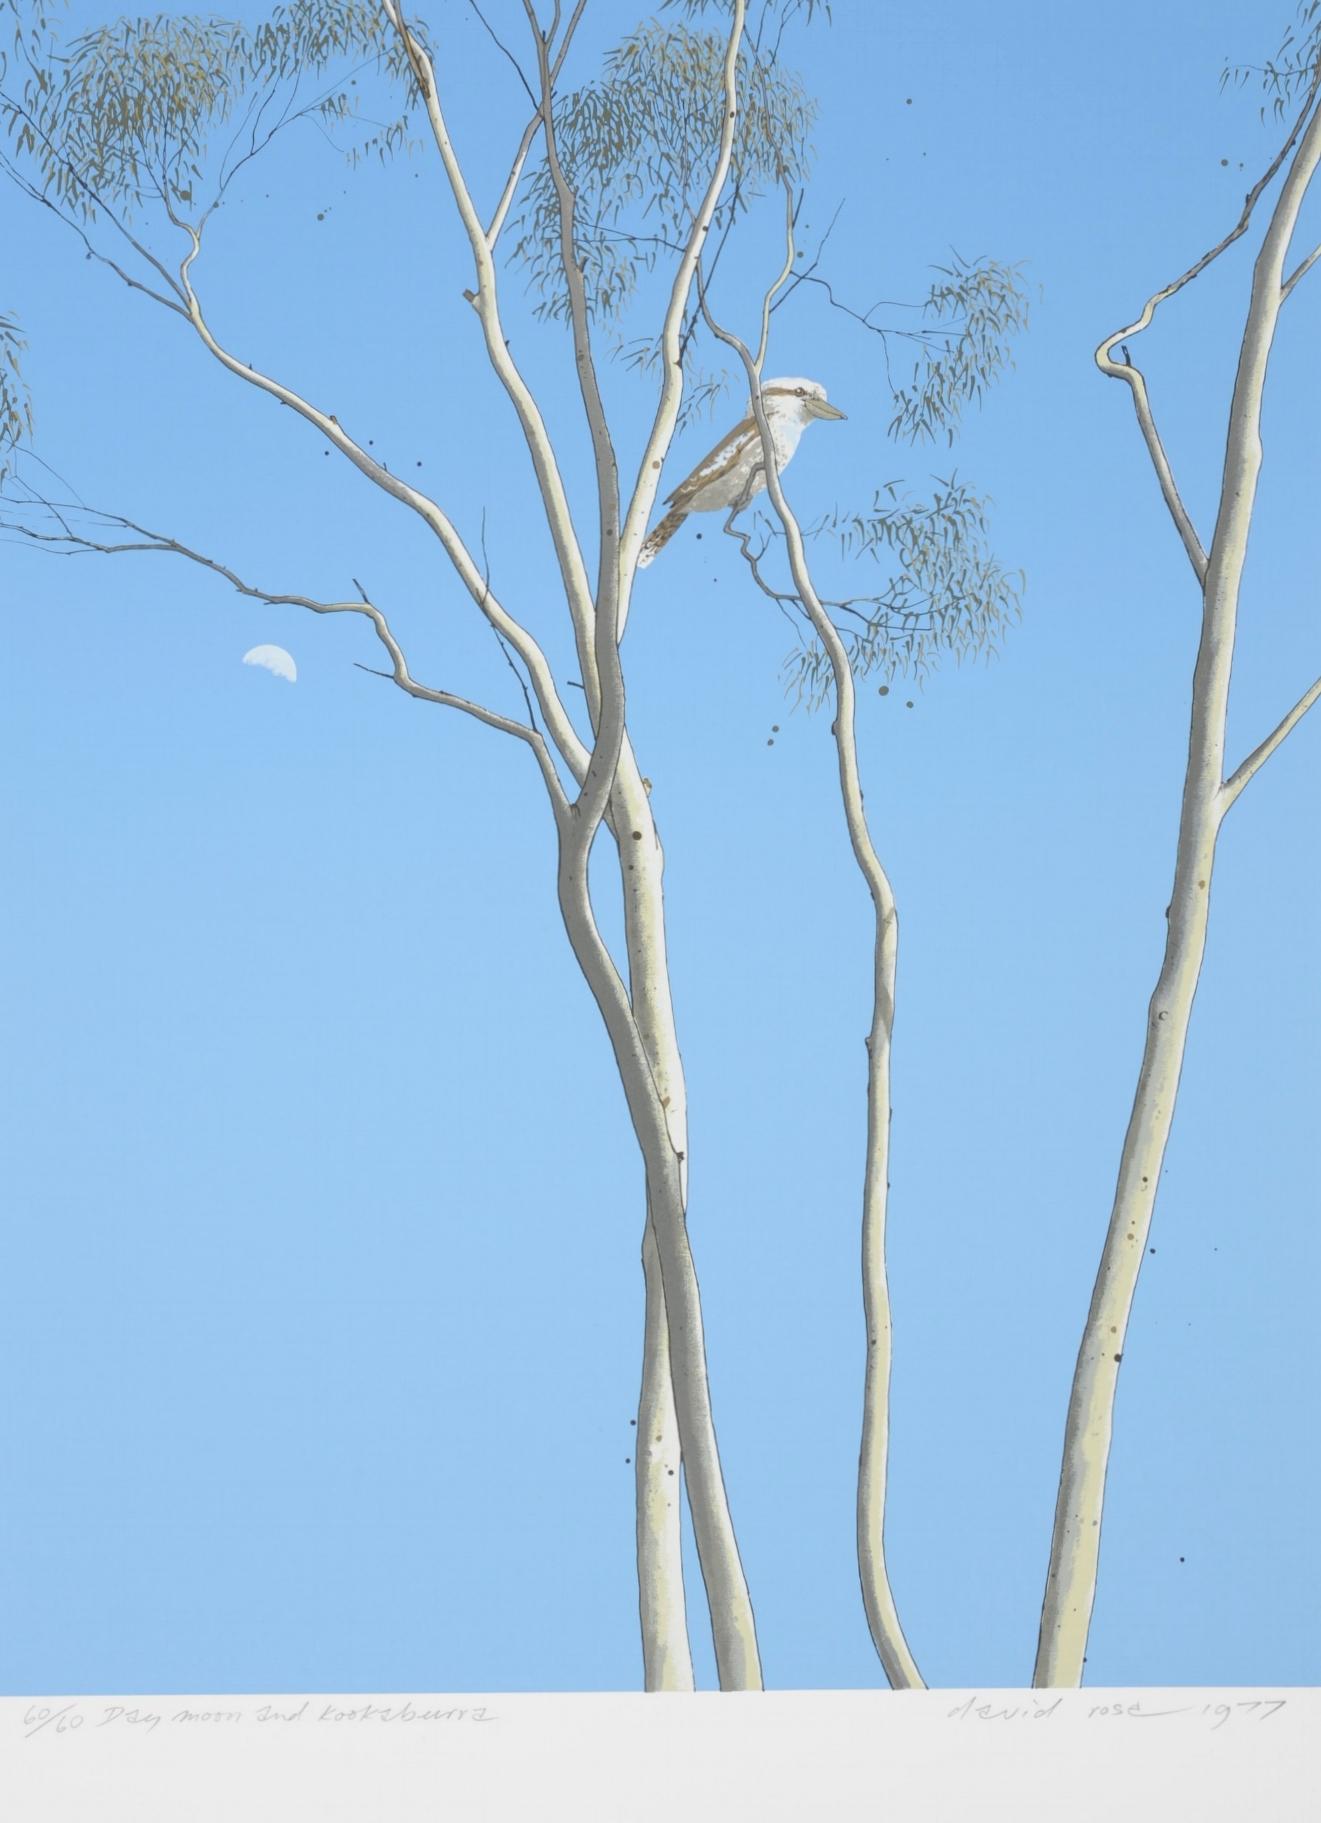 1977 Day moon and Kookaburra.JPG